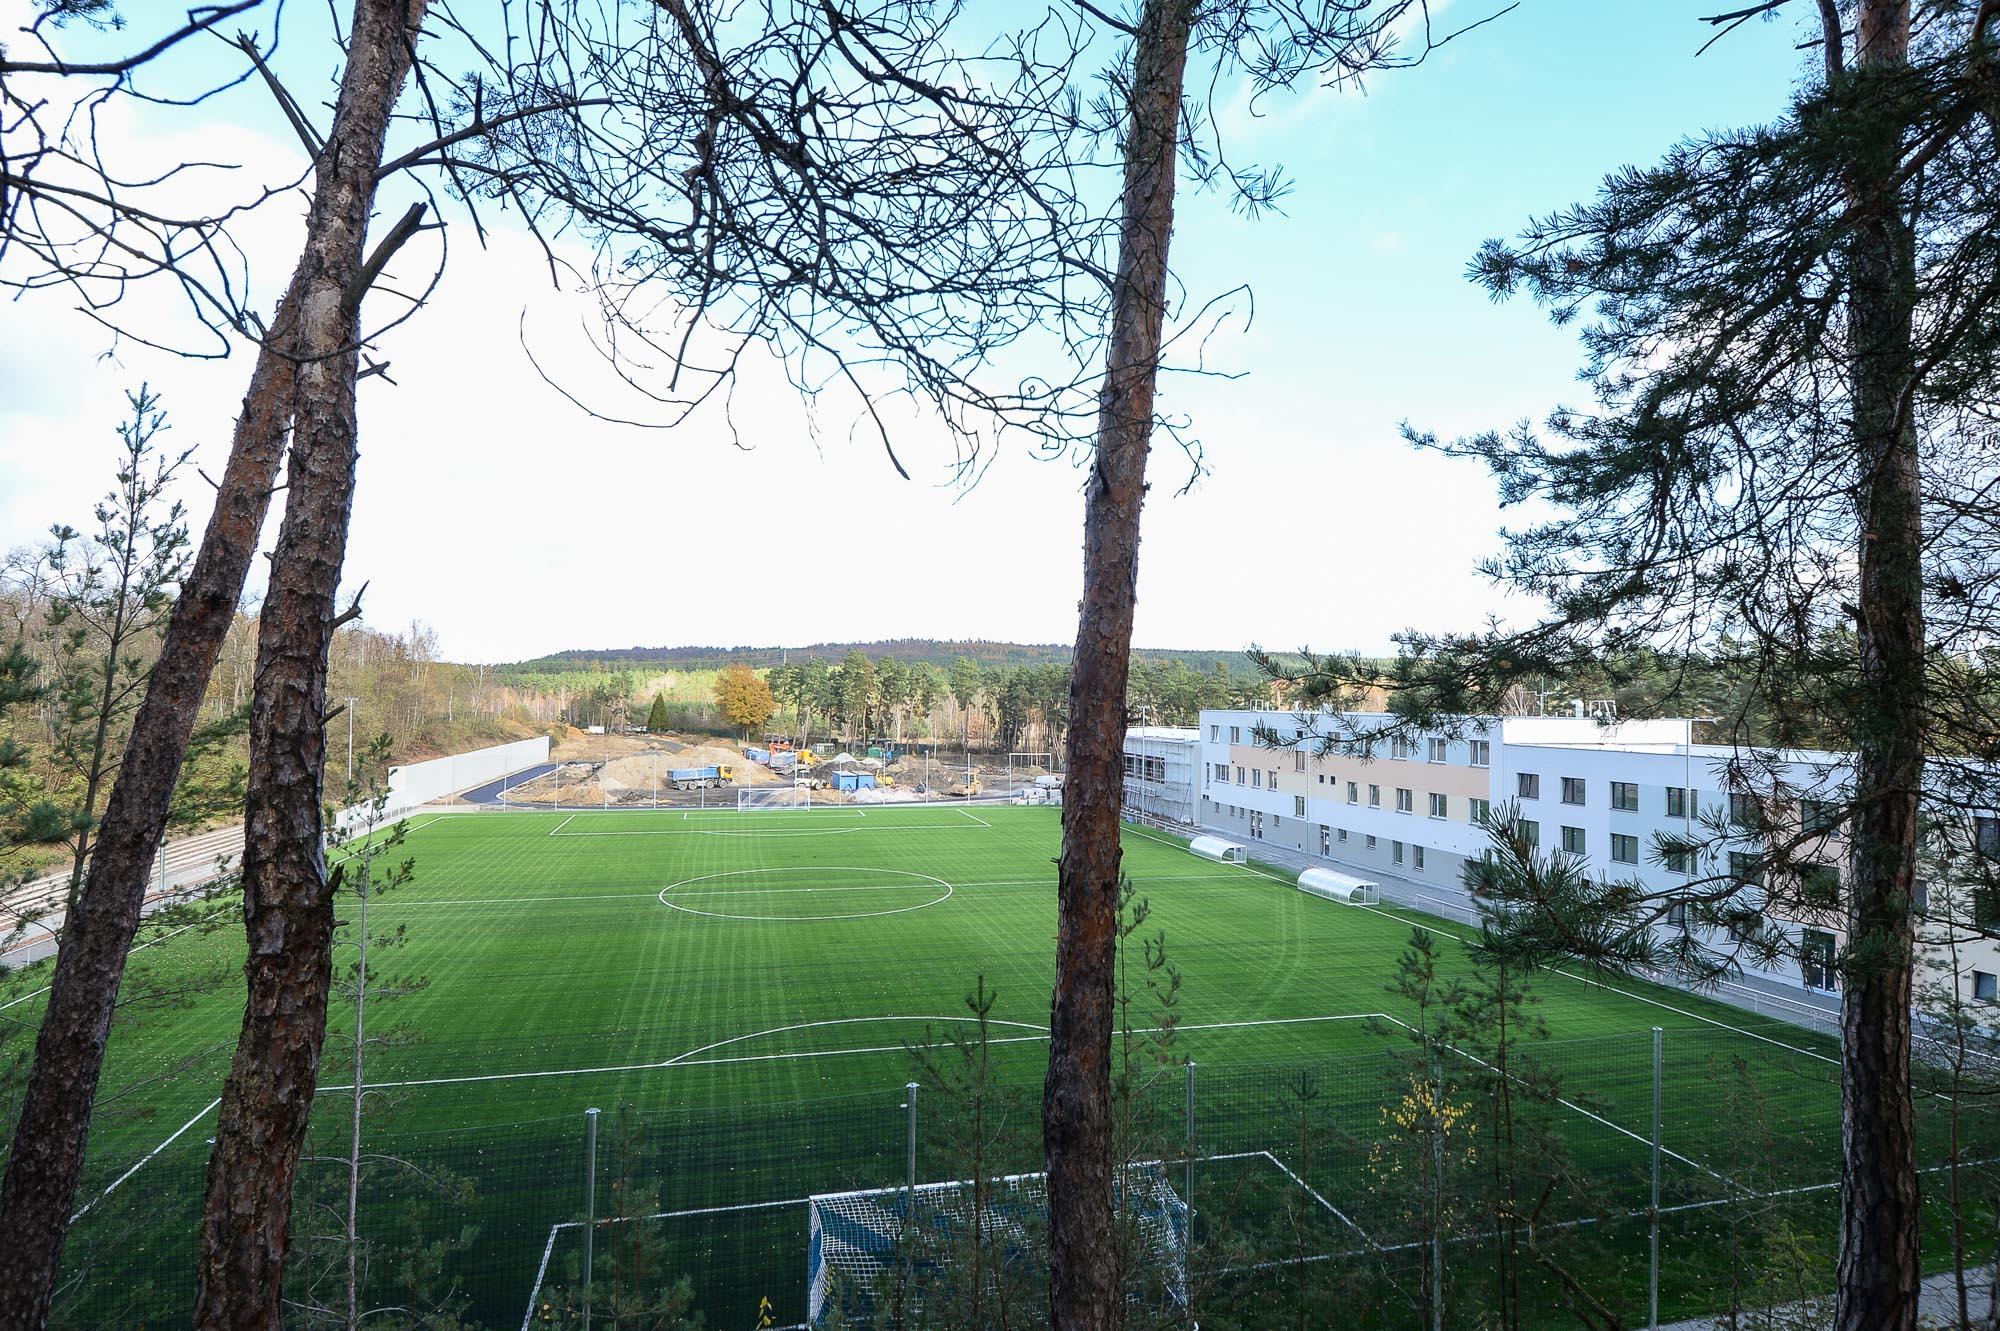 Rekonstrukce sportovního areálu Prokopávka značně pokročila